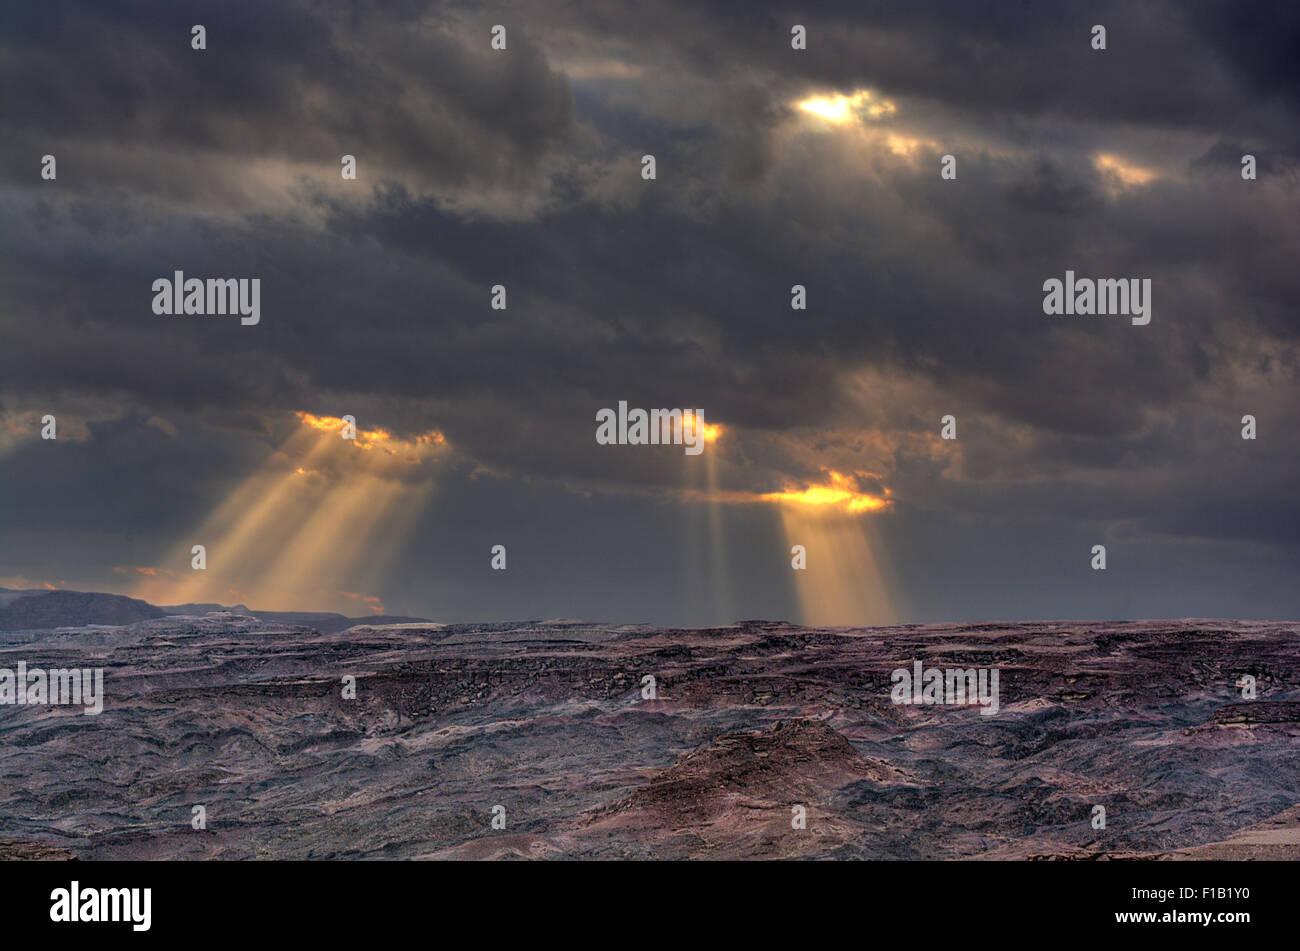 Inspirierende Himmel und Wüstenlandschaft Stockfoto